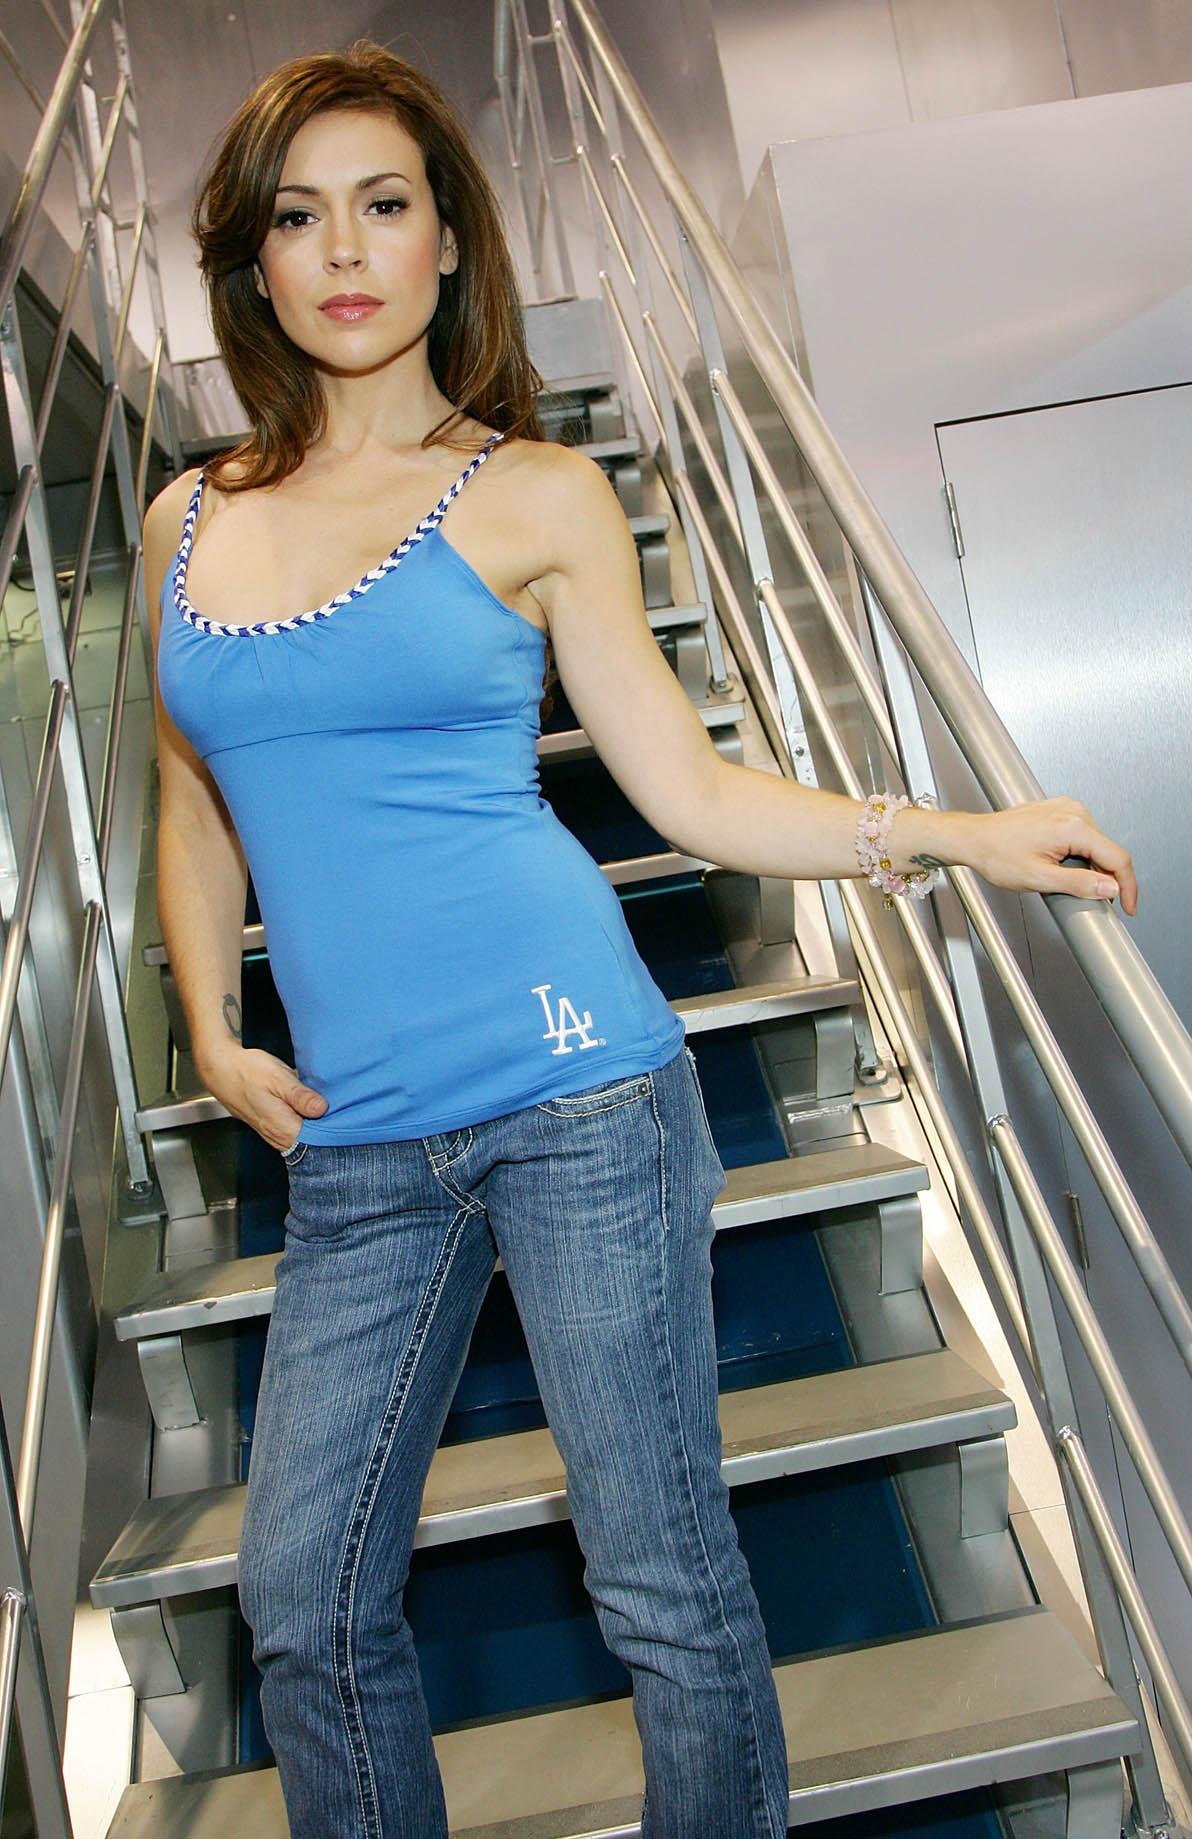 Смотреть алиса милано 3 фотография